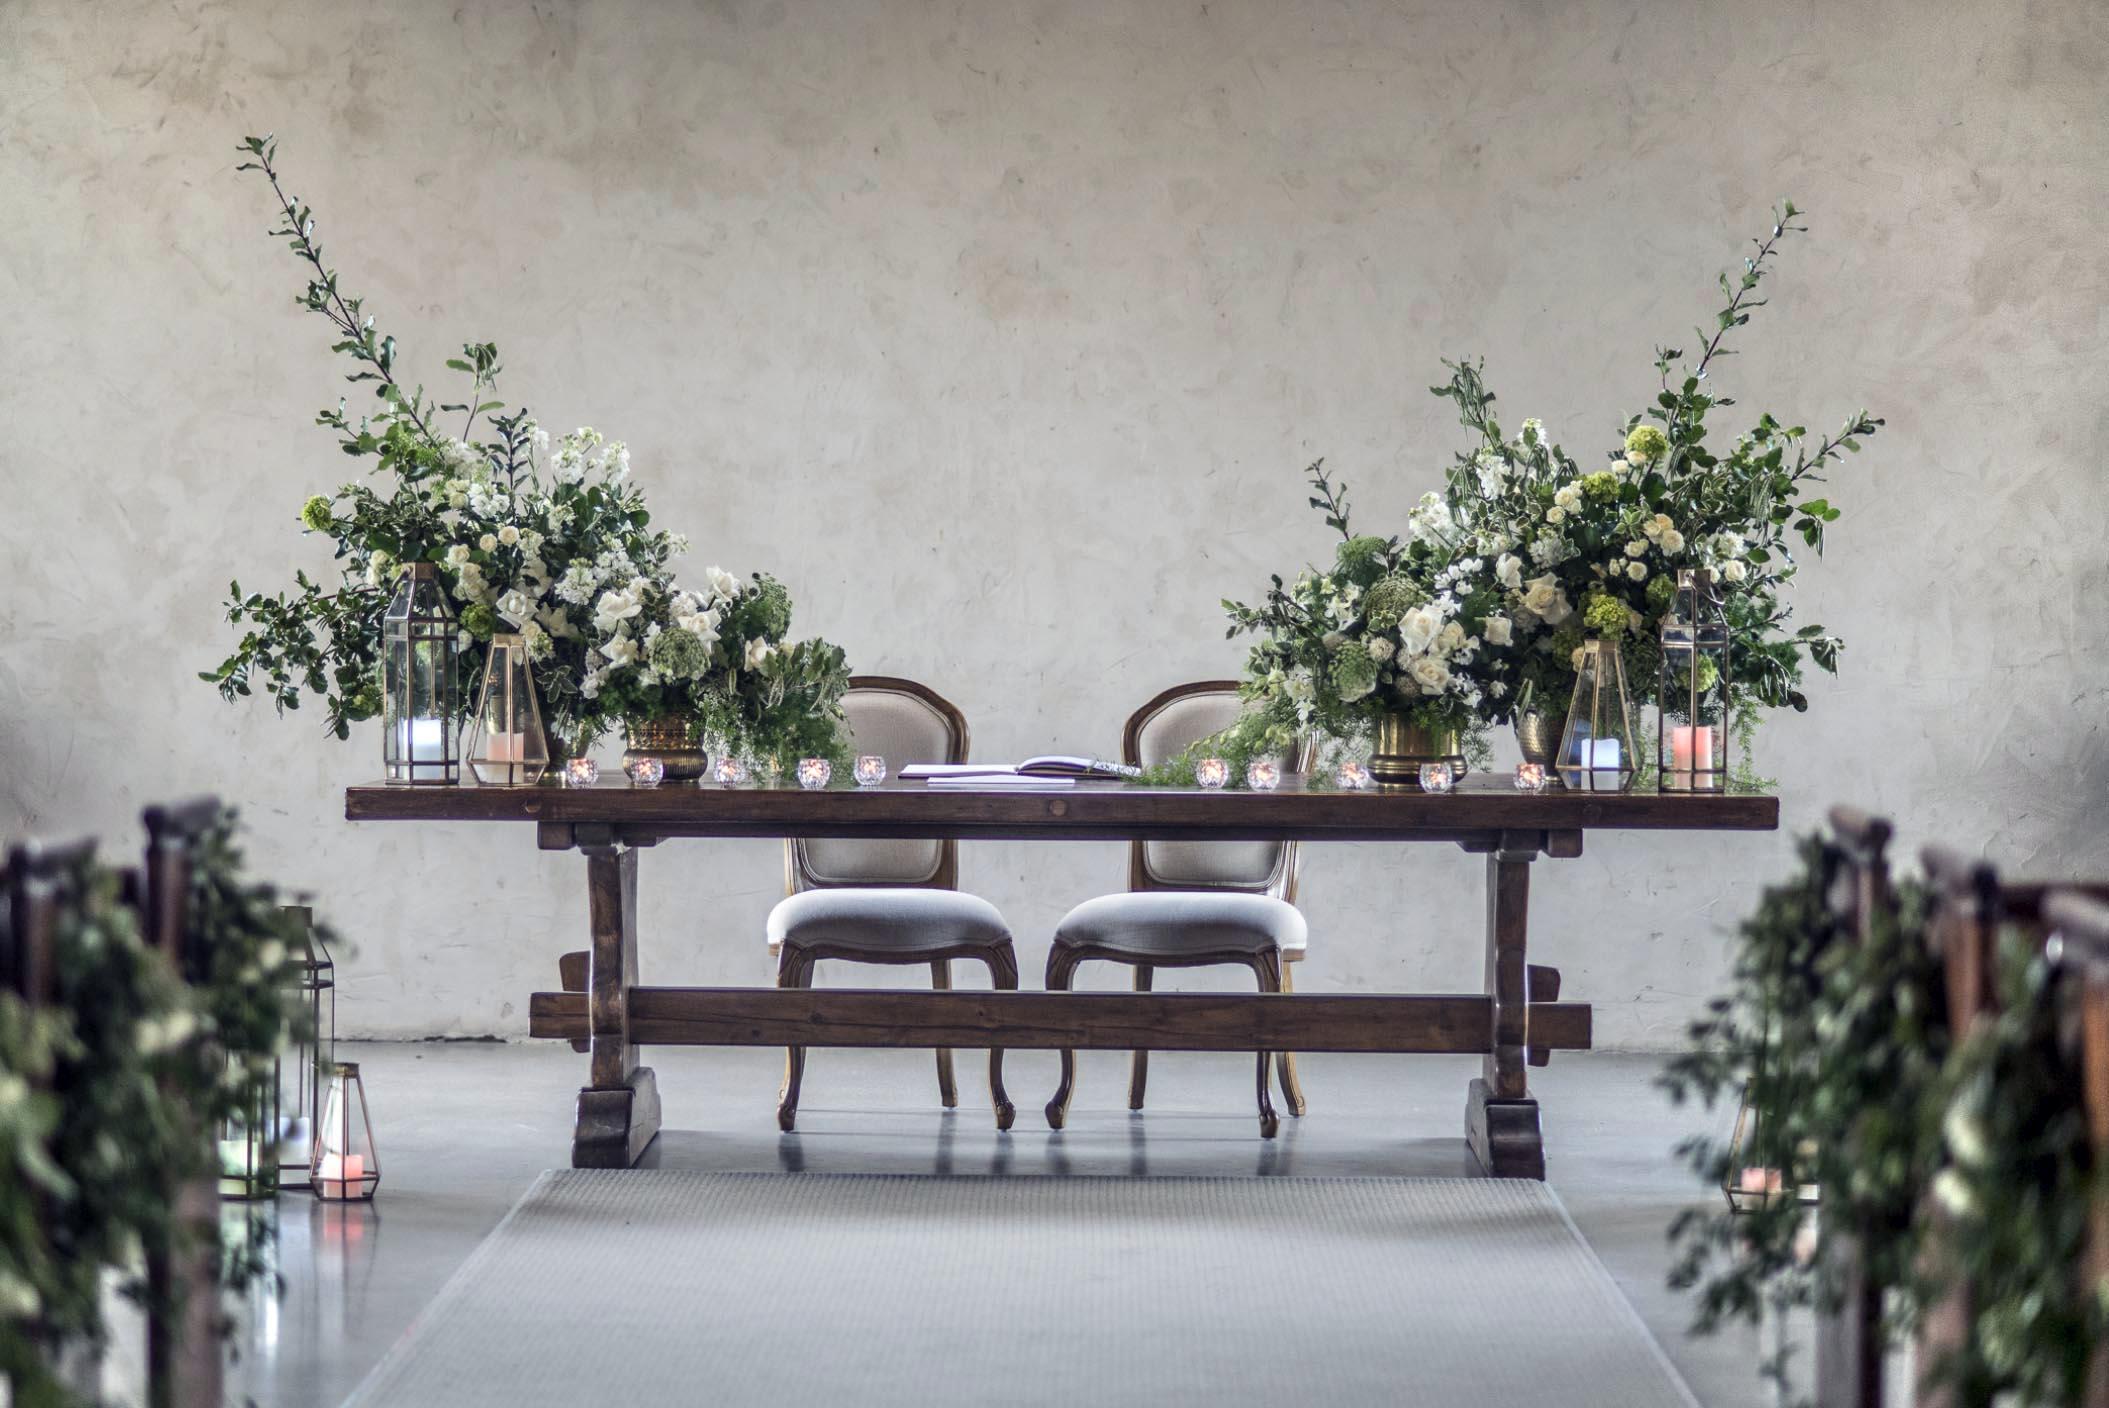 Ceremony flowers - The stones